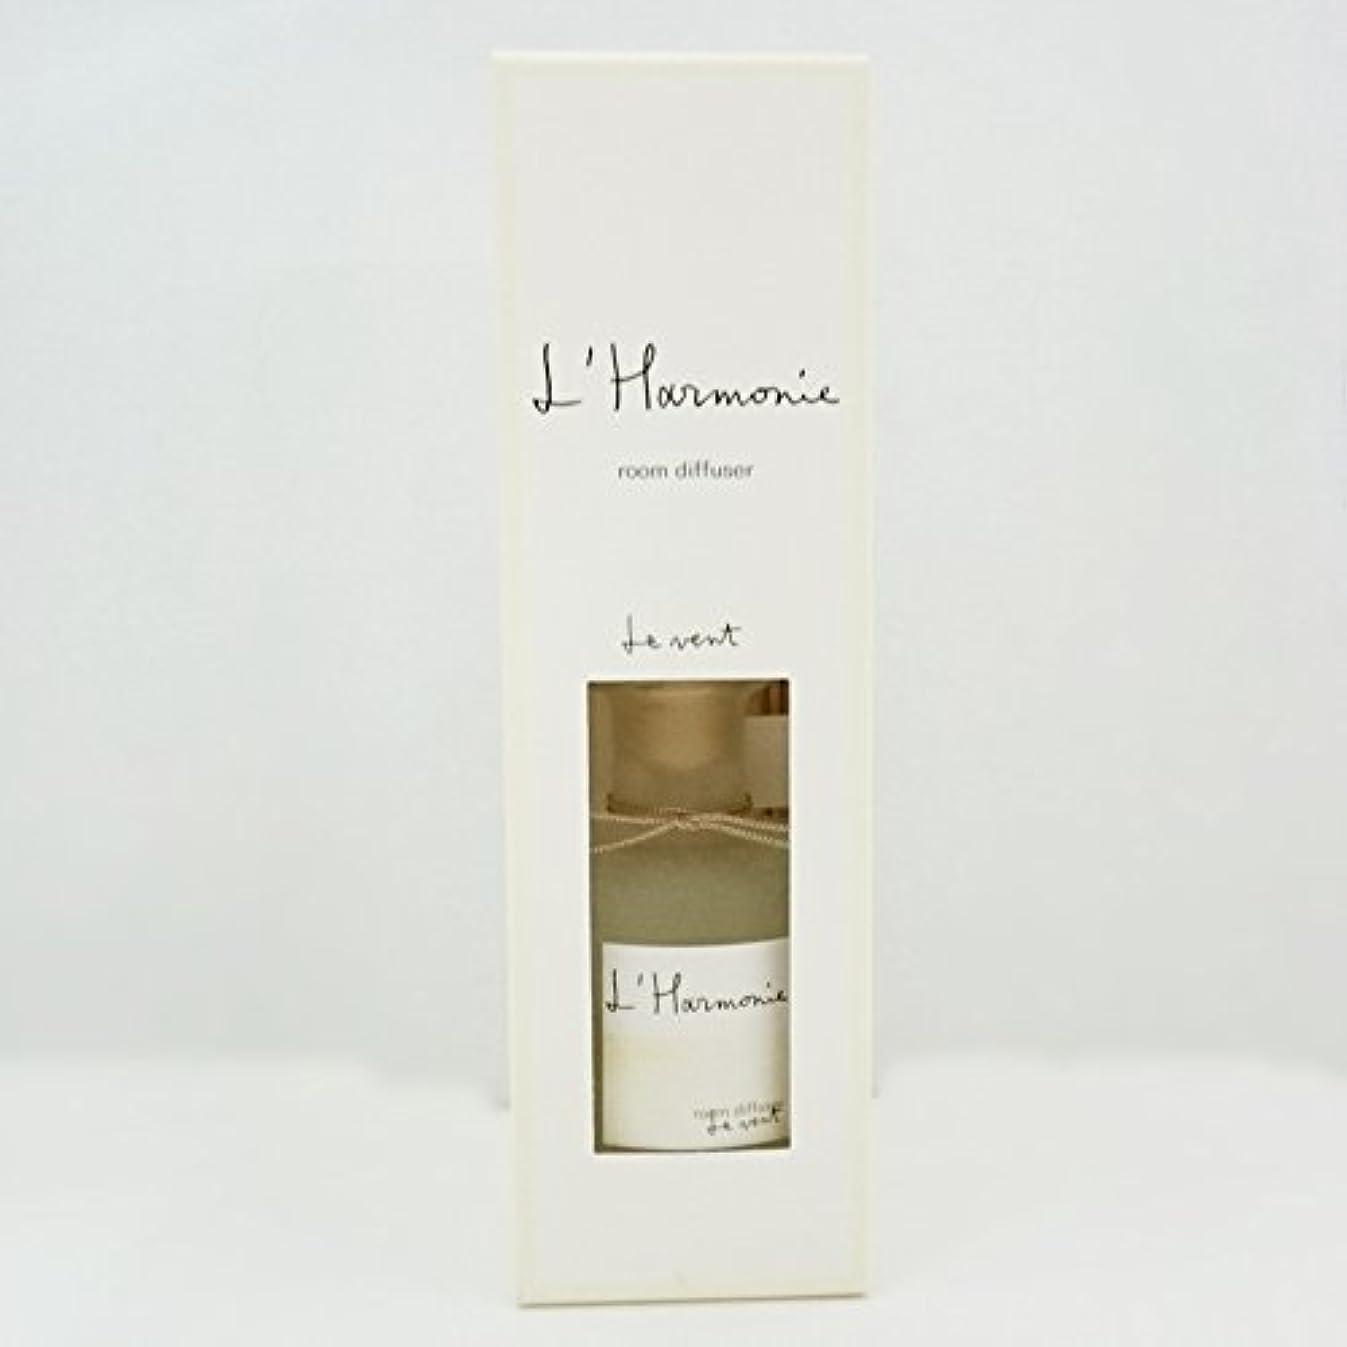 起きて抽象化吐き出すLothantique(ロタンティック) L' Harmonie(アルモニ) ルームディフューザー 200ml 「Le vent(ヴァン)」 4994228024640